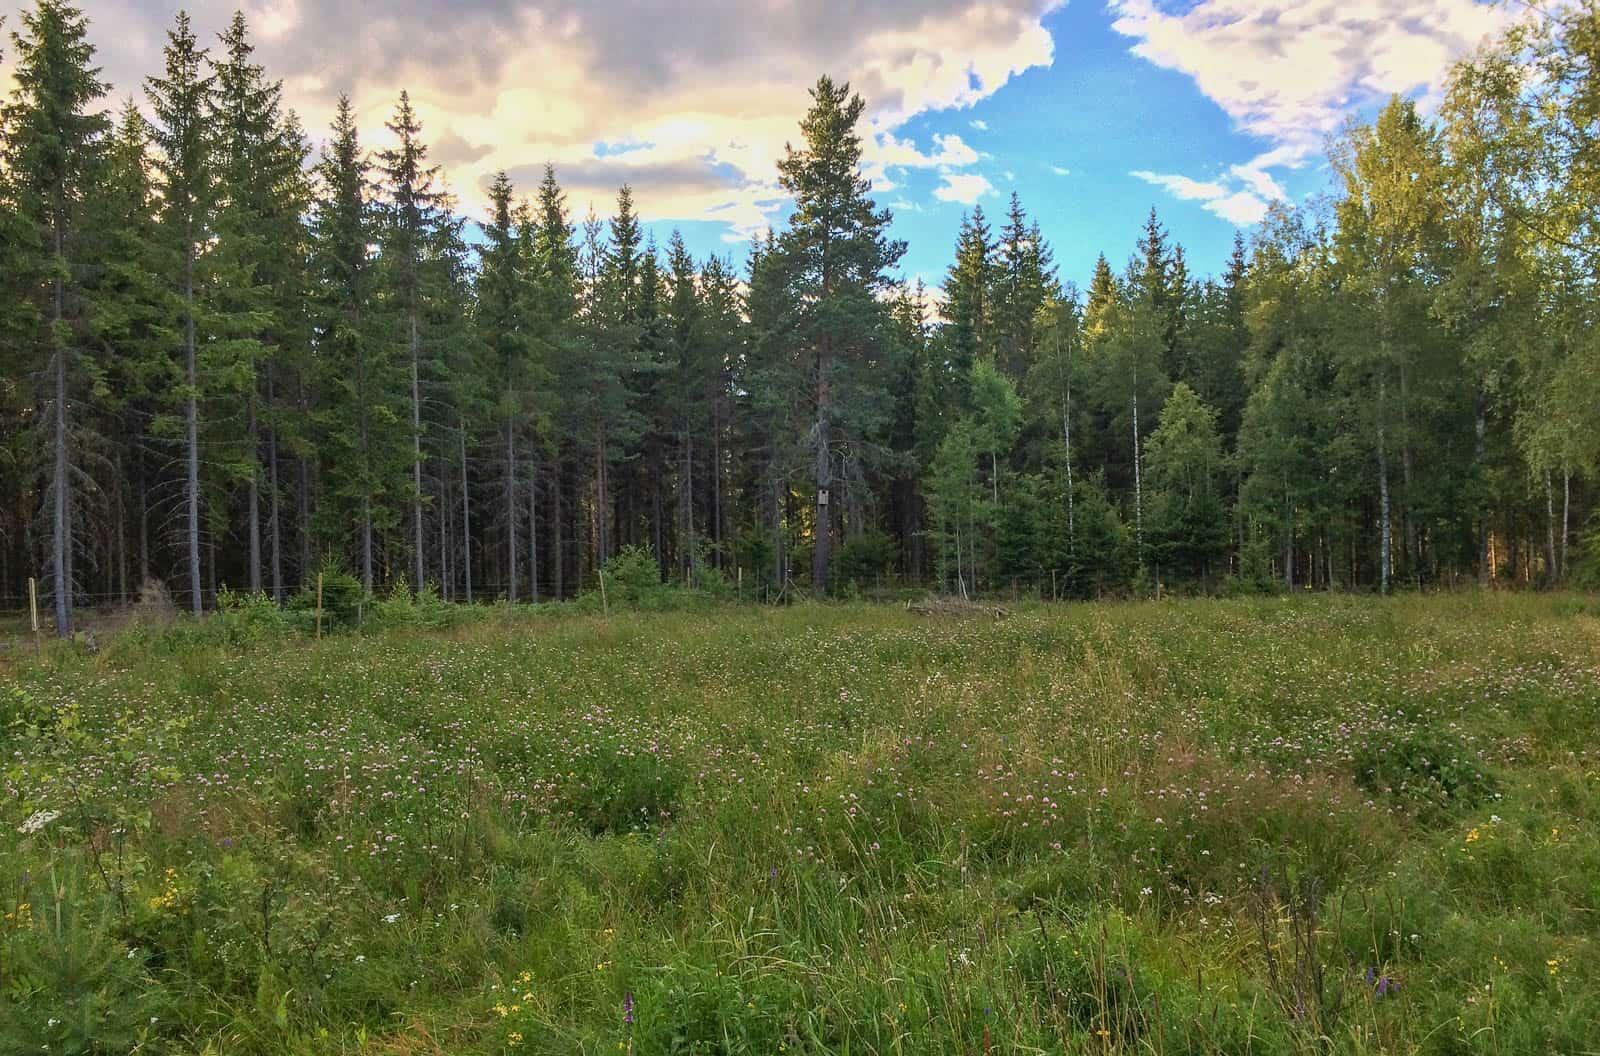 Holken sitter i den höga tallen i hörnet av ett stort fält. Milsvida skogar bakom. Hade jag varit kattuggla hade jag tyckt det skulle vara ett utmärkt alternativ.